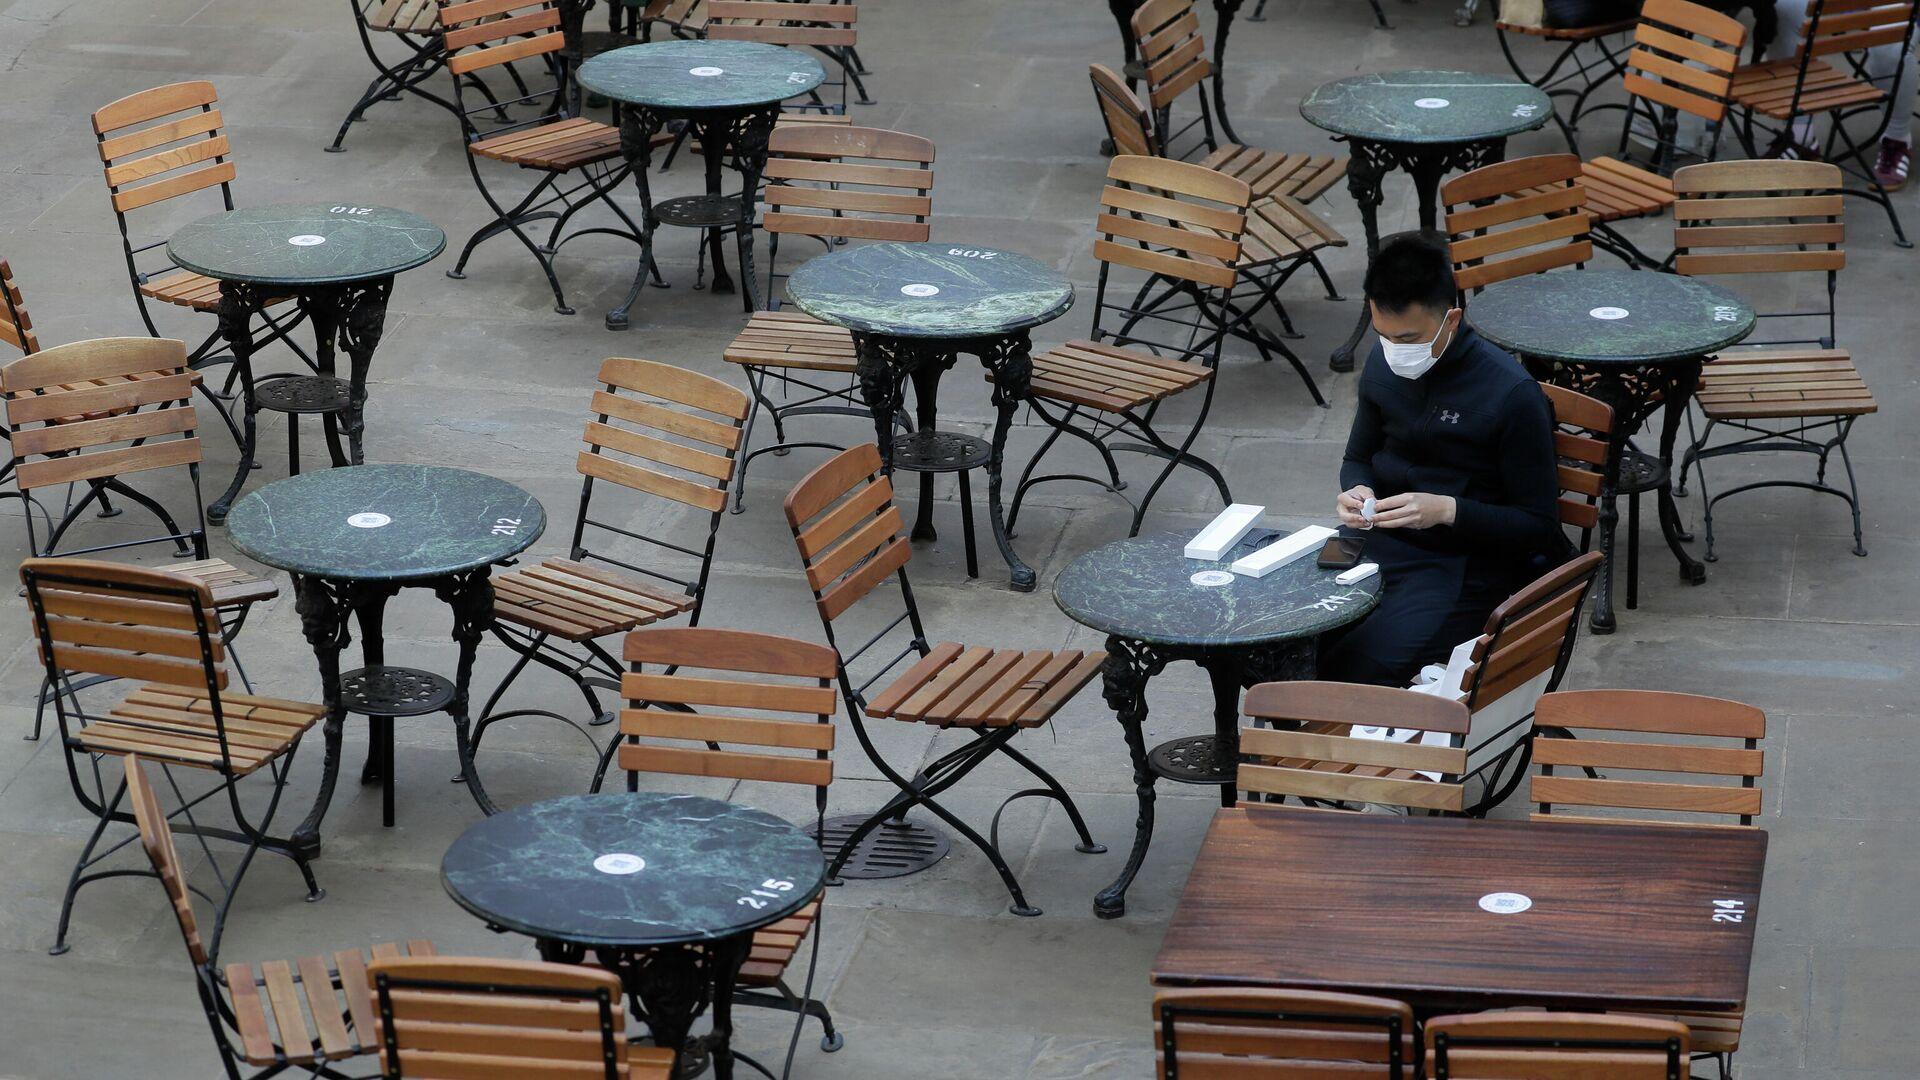 Посетитель за столиком в пустом кафе в Лондоне, Великобритания. 24 сентября 2020 - РИА Новости, 1920, 01.11.2020